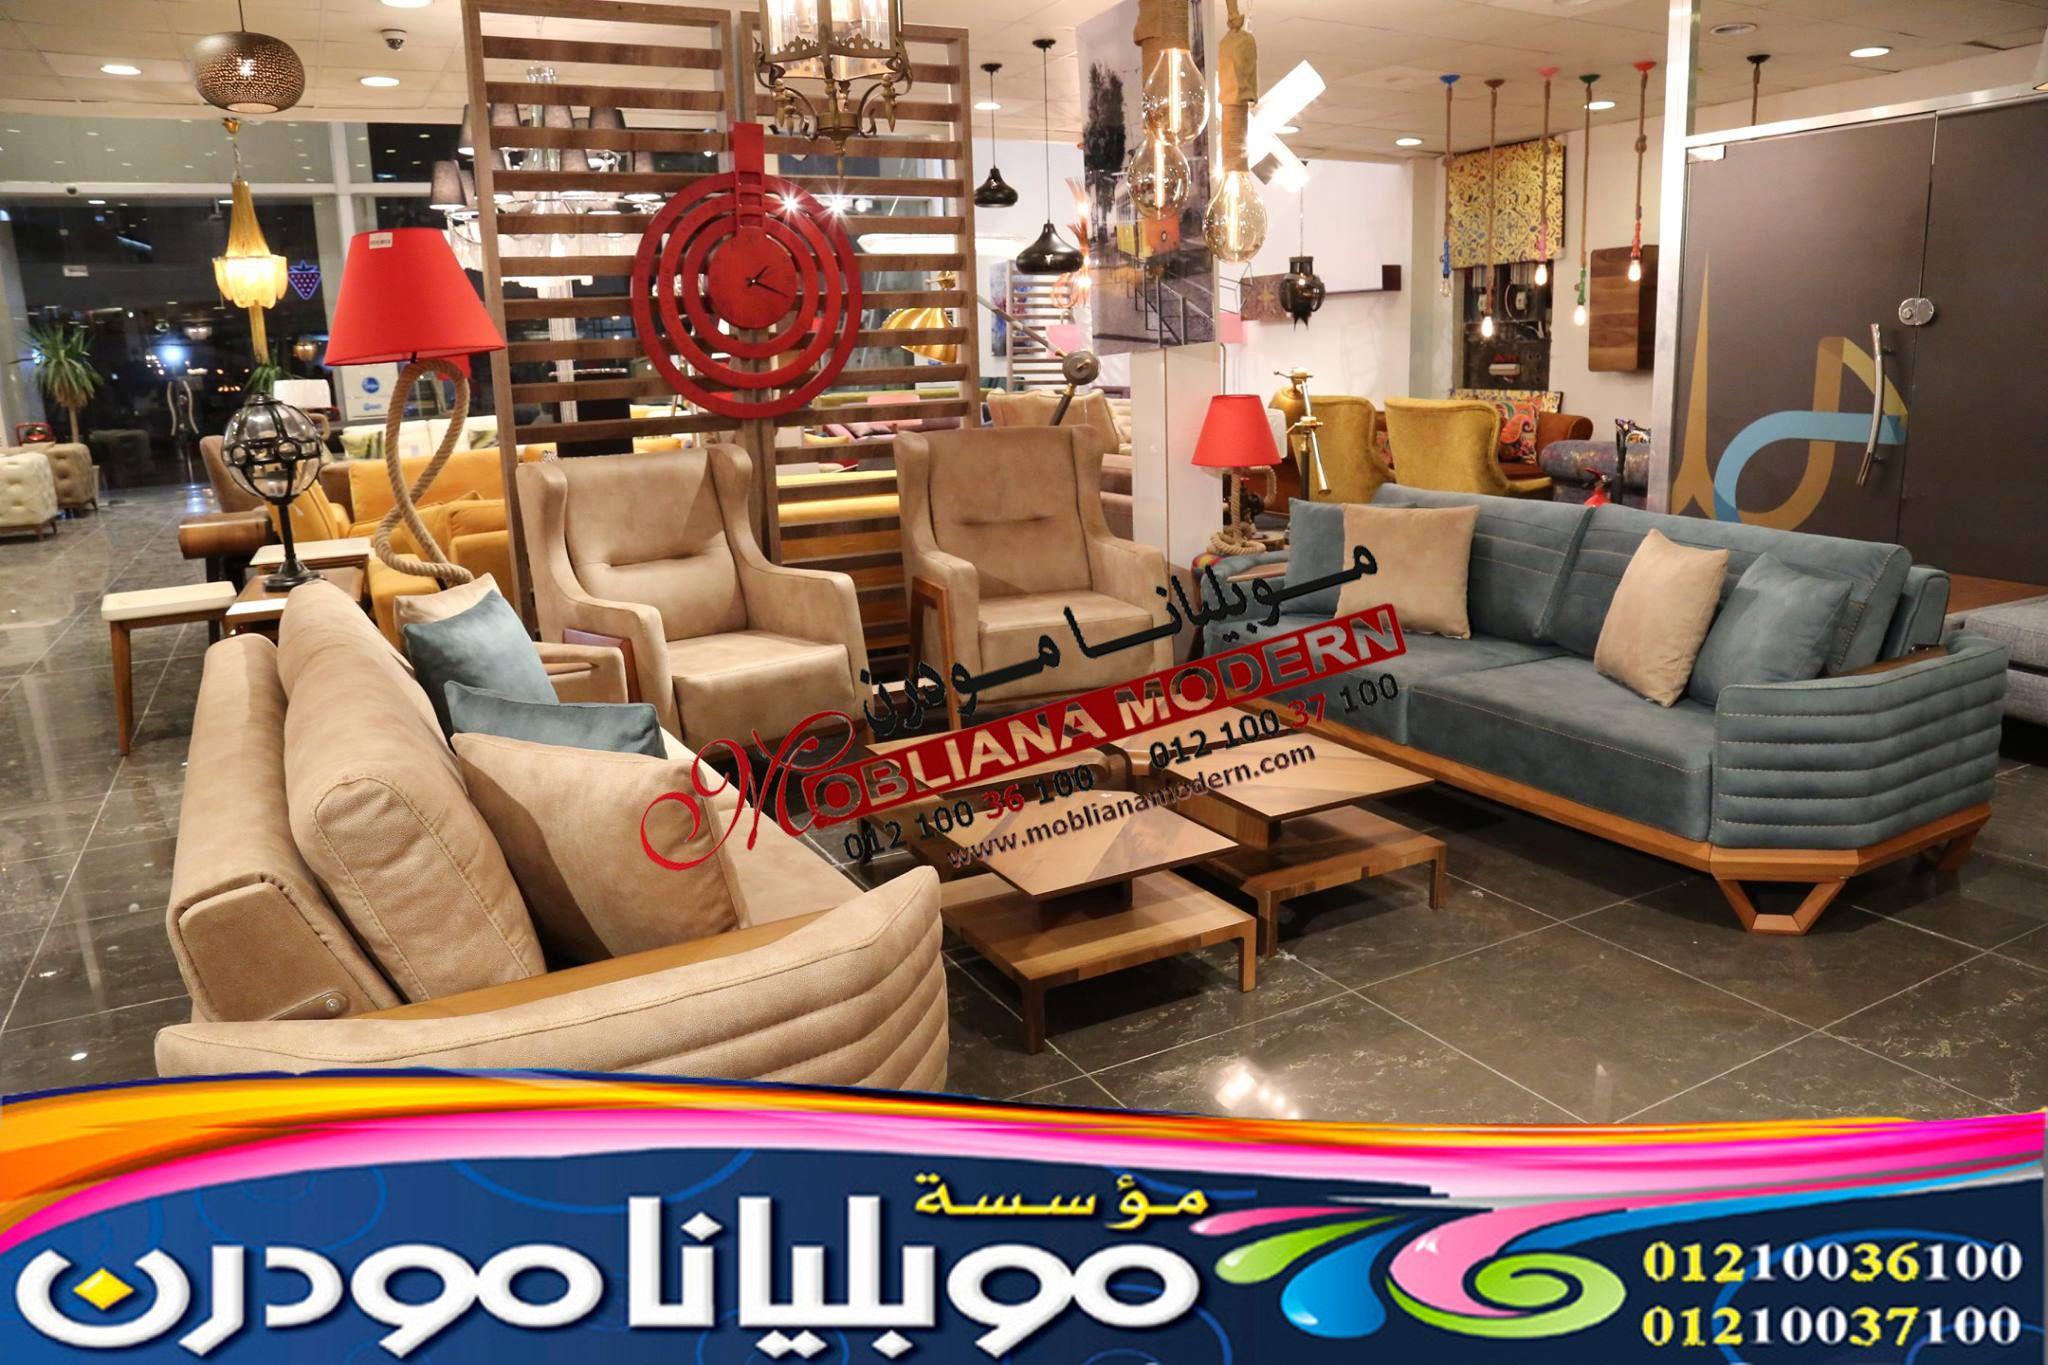 احلي صور انتريهات للاستقبال 2021 احدث انتريهات مودرن 2022 Colorful Eclectic Living Room Eclectic Living Room Living Room